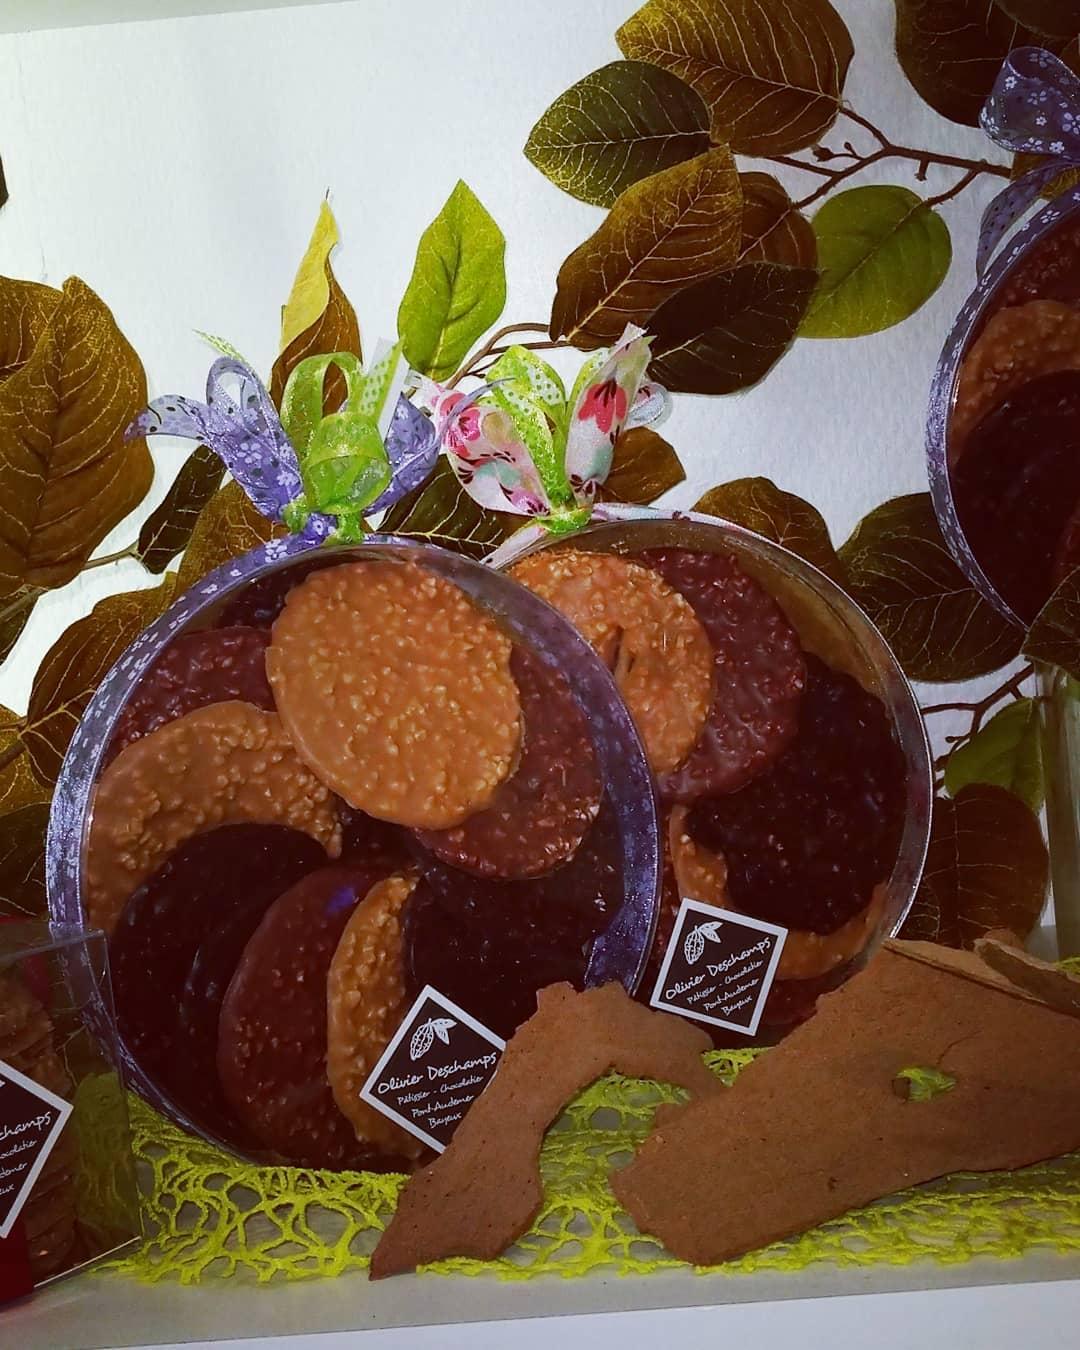 chocolat bayeux